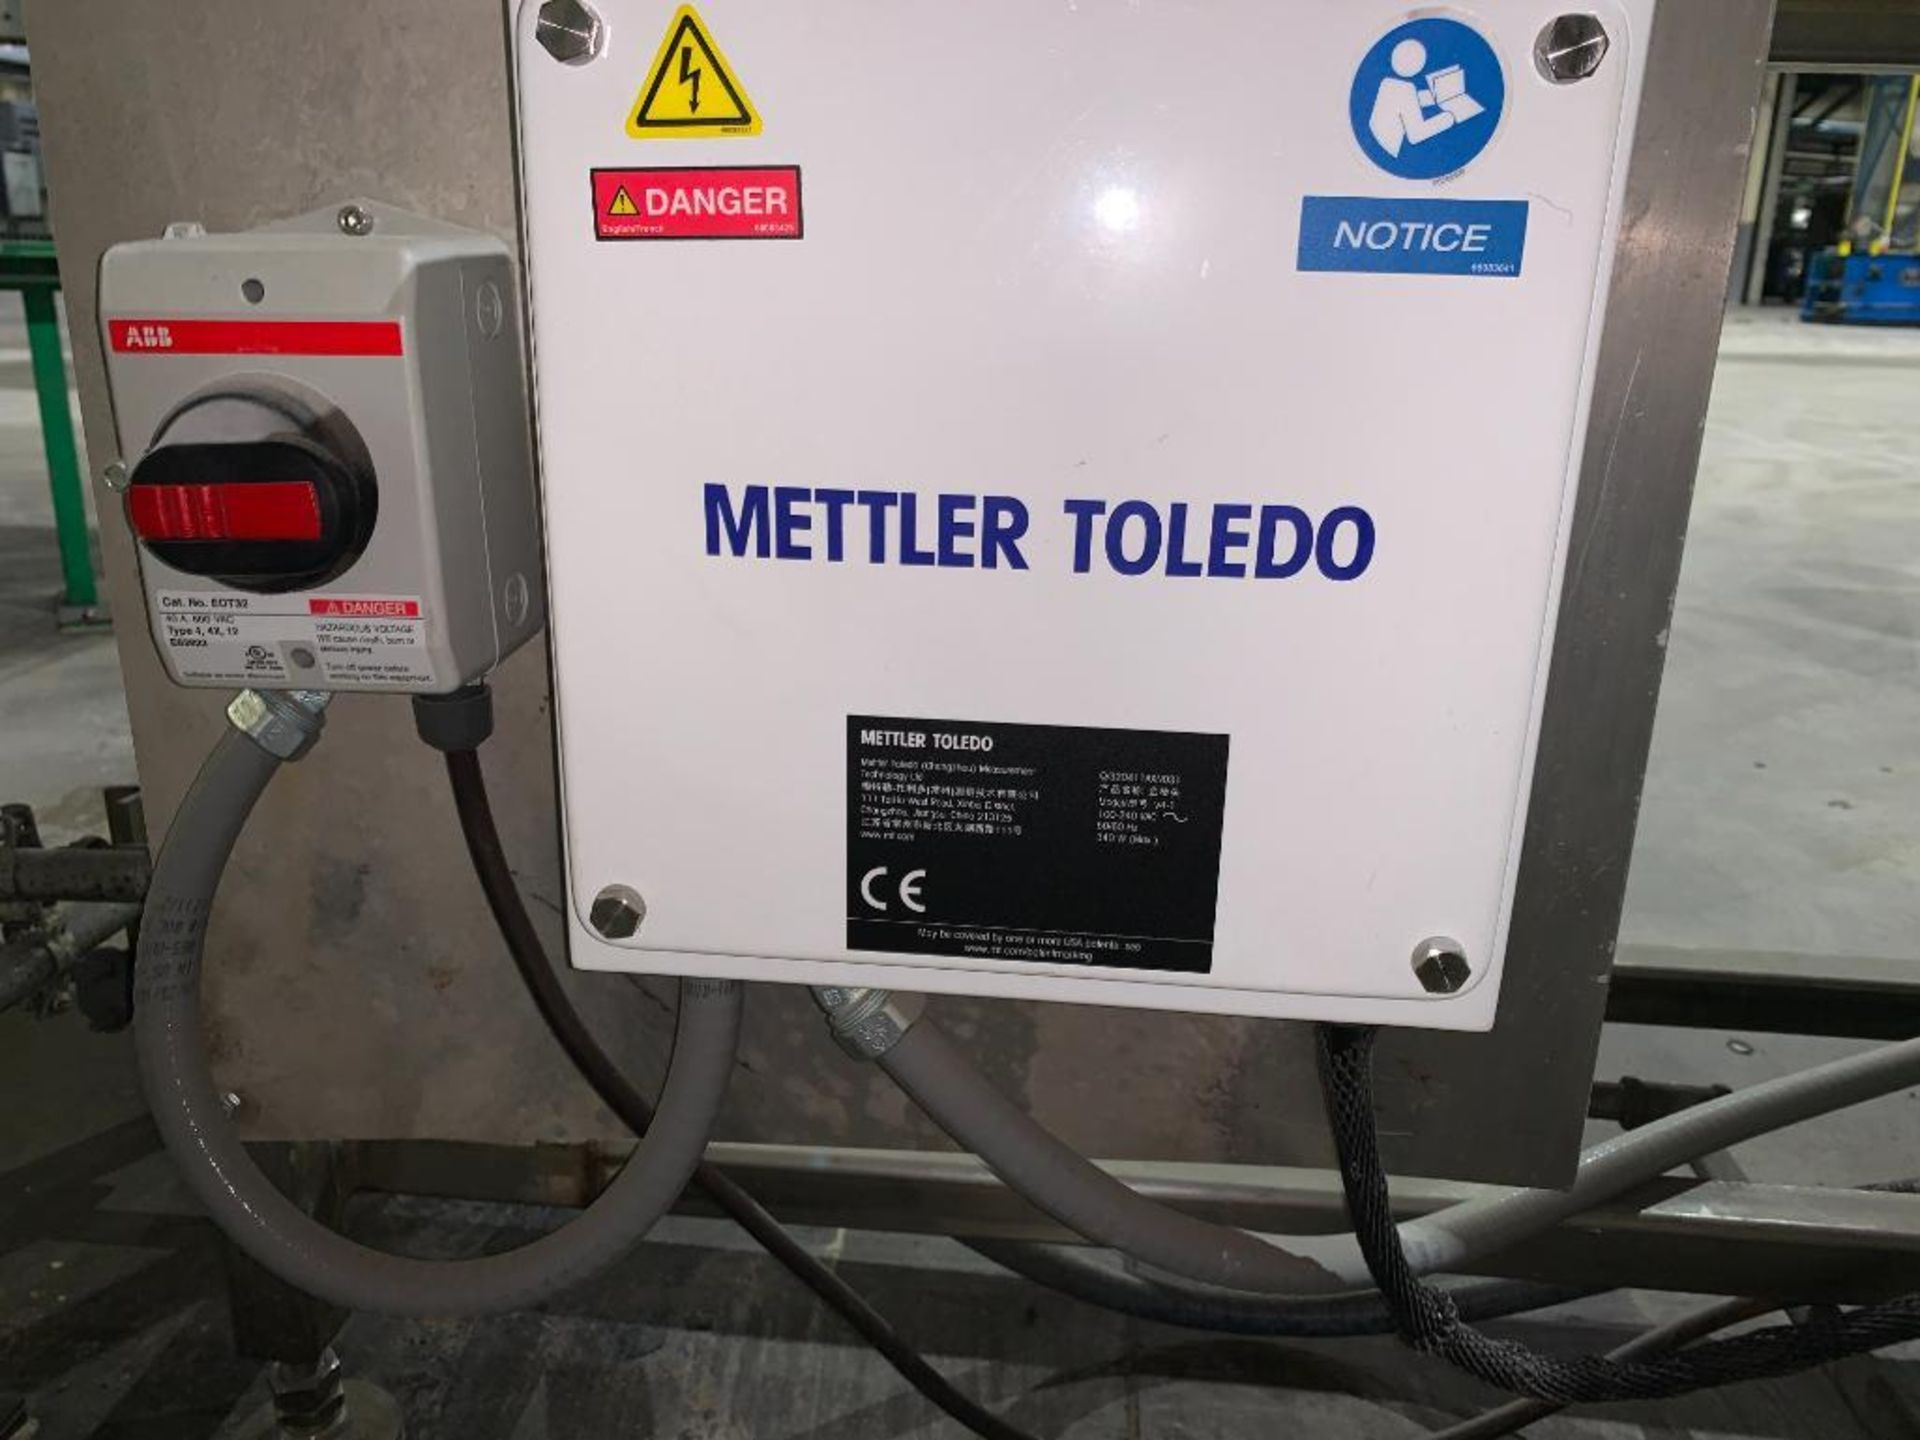 Mettler Toledo metal detector - Image 12 of 24